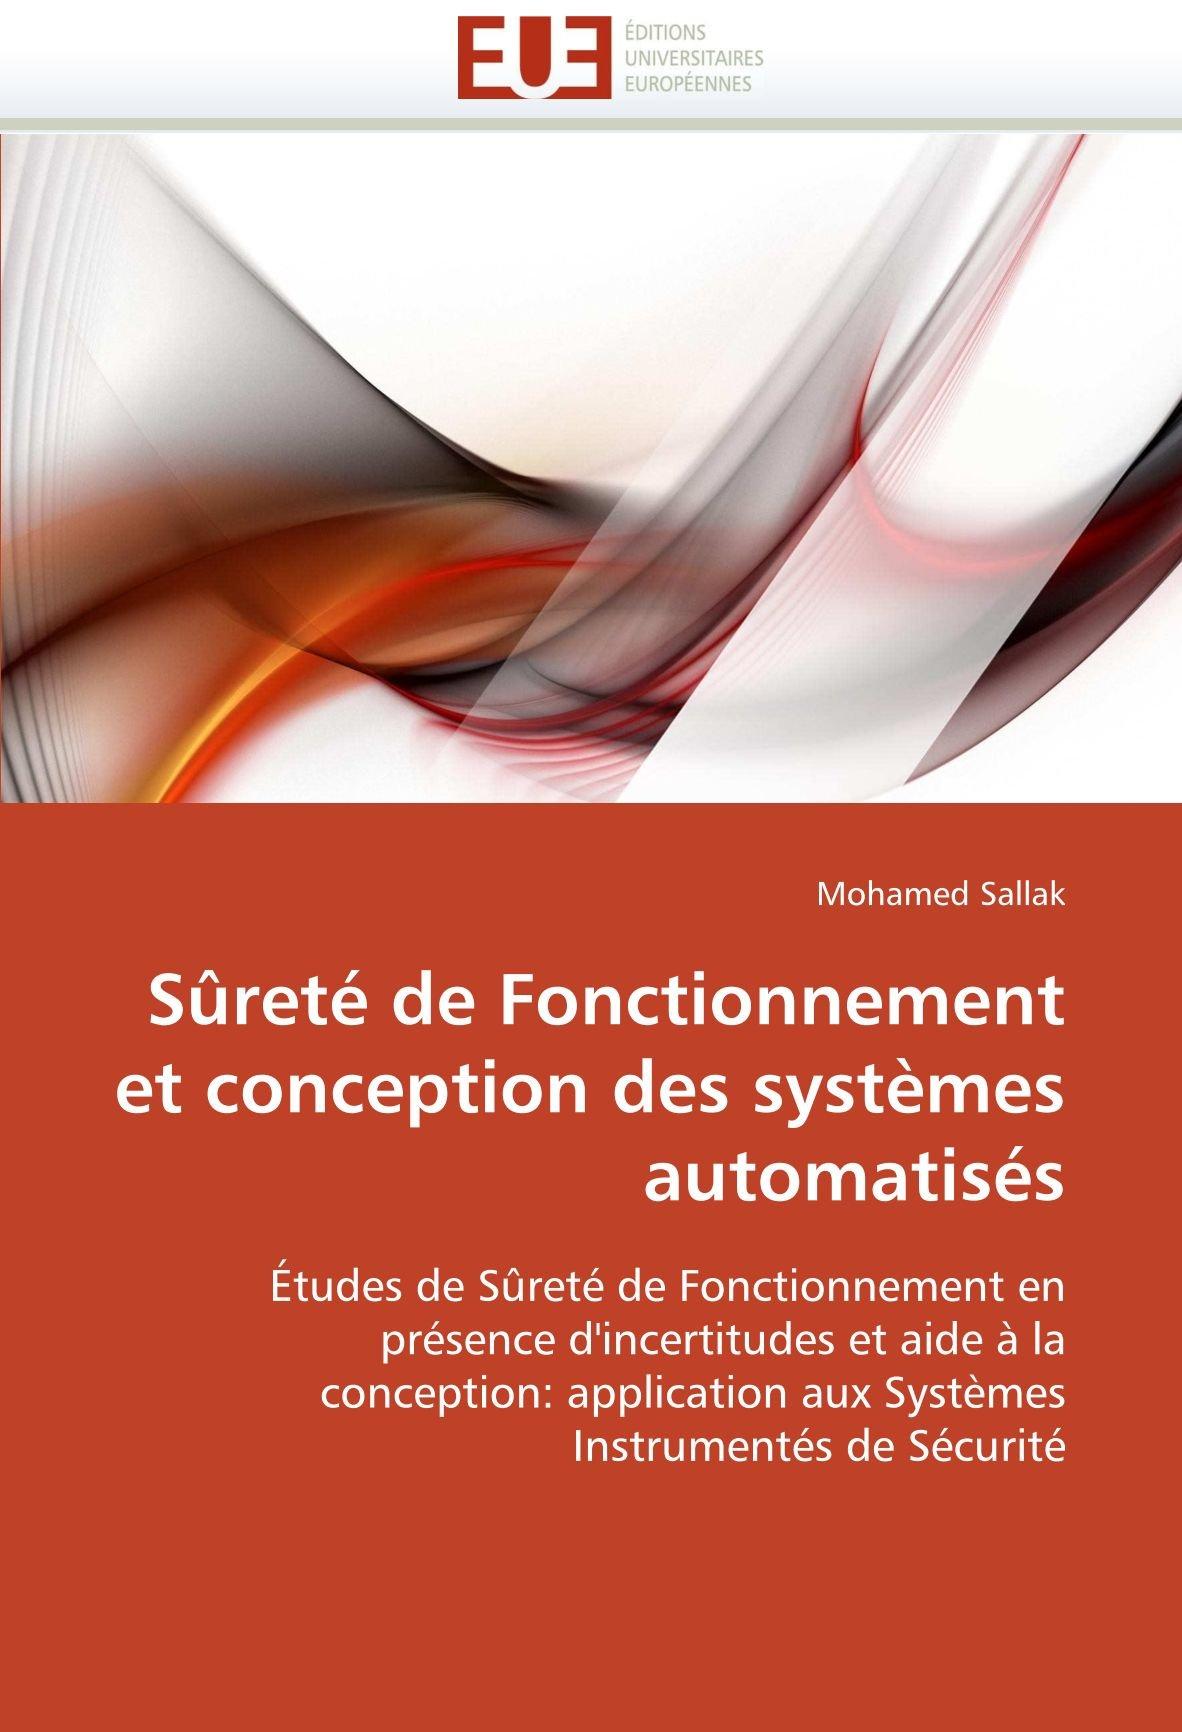 Sûreté de Fonctionnement et conception des systèmes automatisés: Études de Sûreté de Fonctionnement en présence d'incertitudes et aide à la ... aux Systèmes Instrumentés de Sécurité Broché – 12 octobre 2010 Mohamed Sallak 6131512078 Engineering (General) E